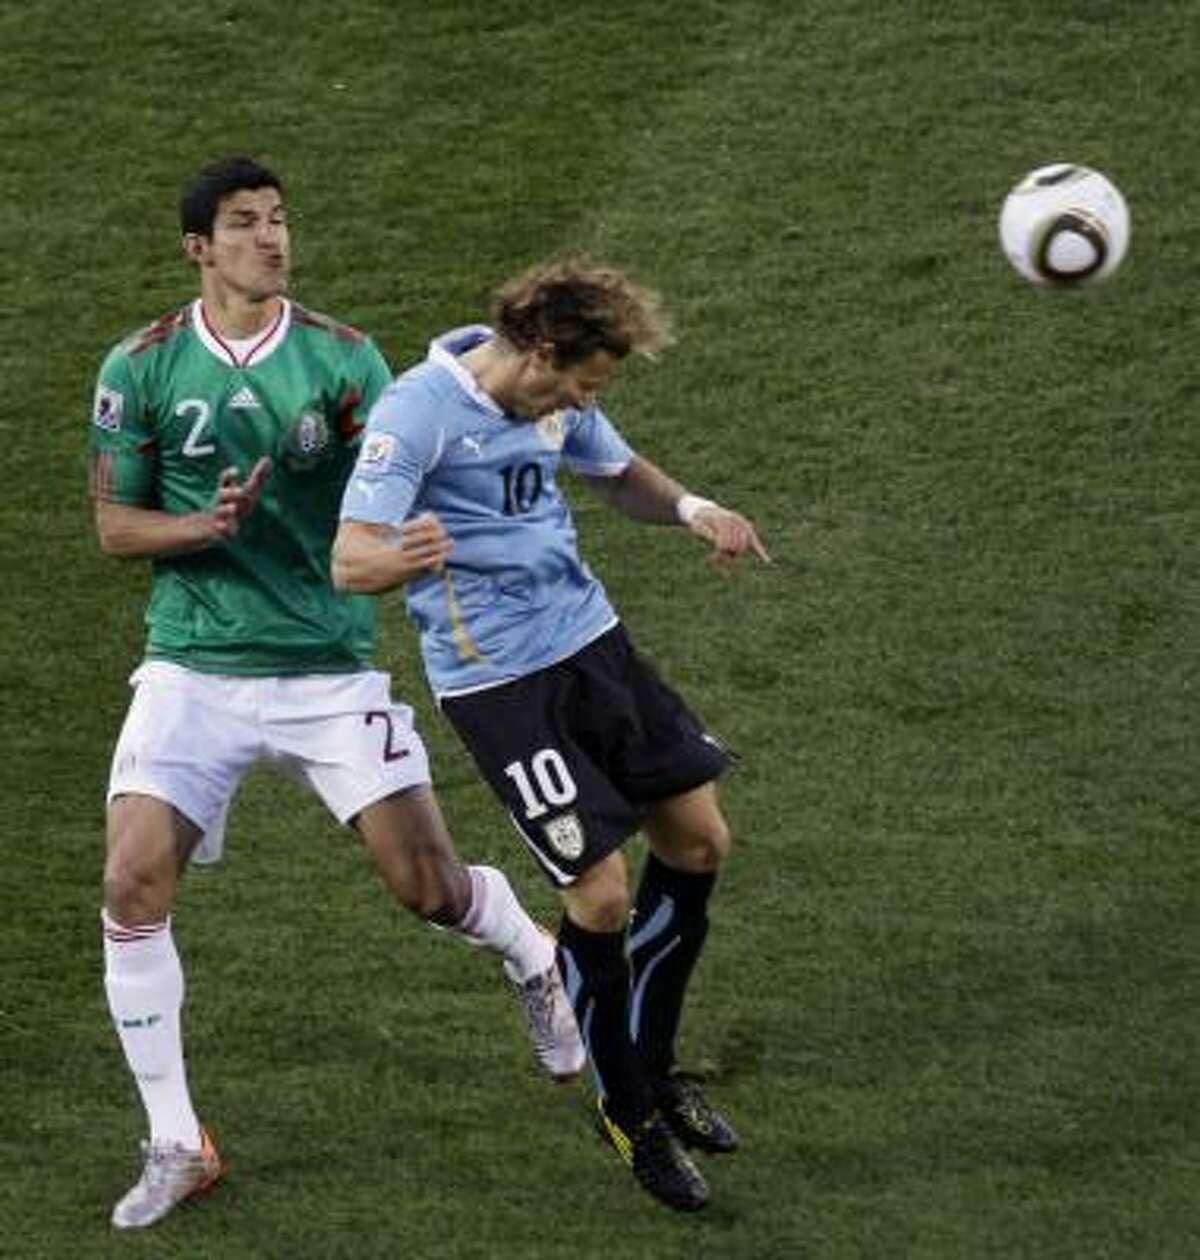 El defensa mexicano Francisco Javier Rodriguez (izq.) marca al delantero uruguayo Diego Forlán.